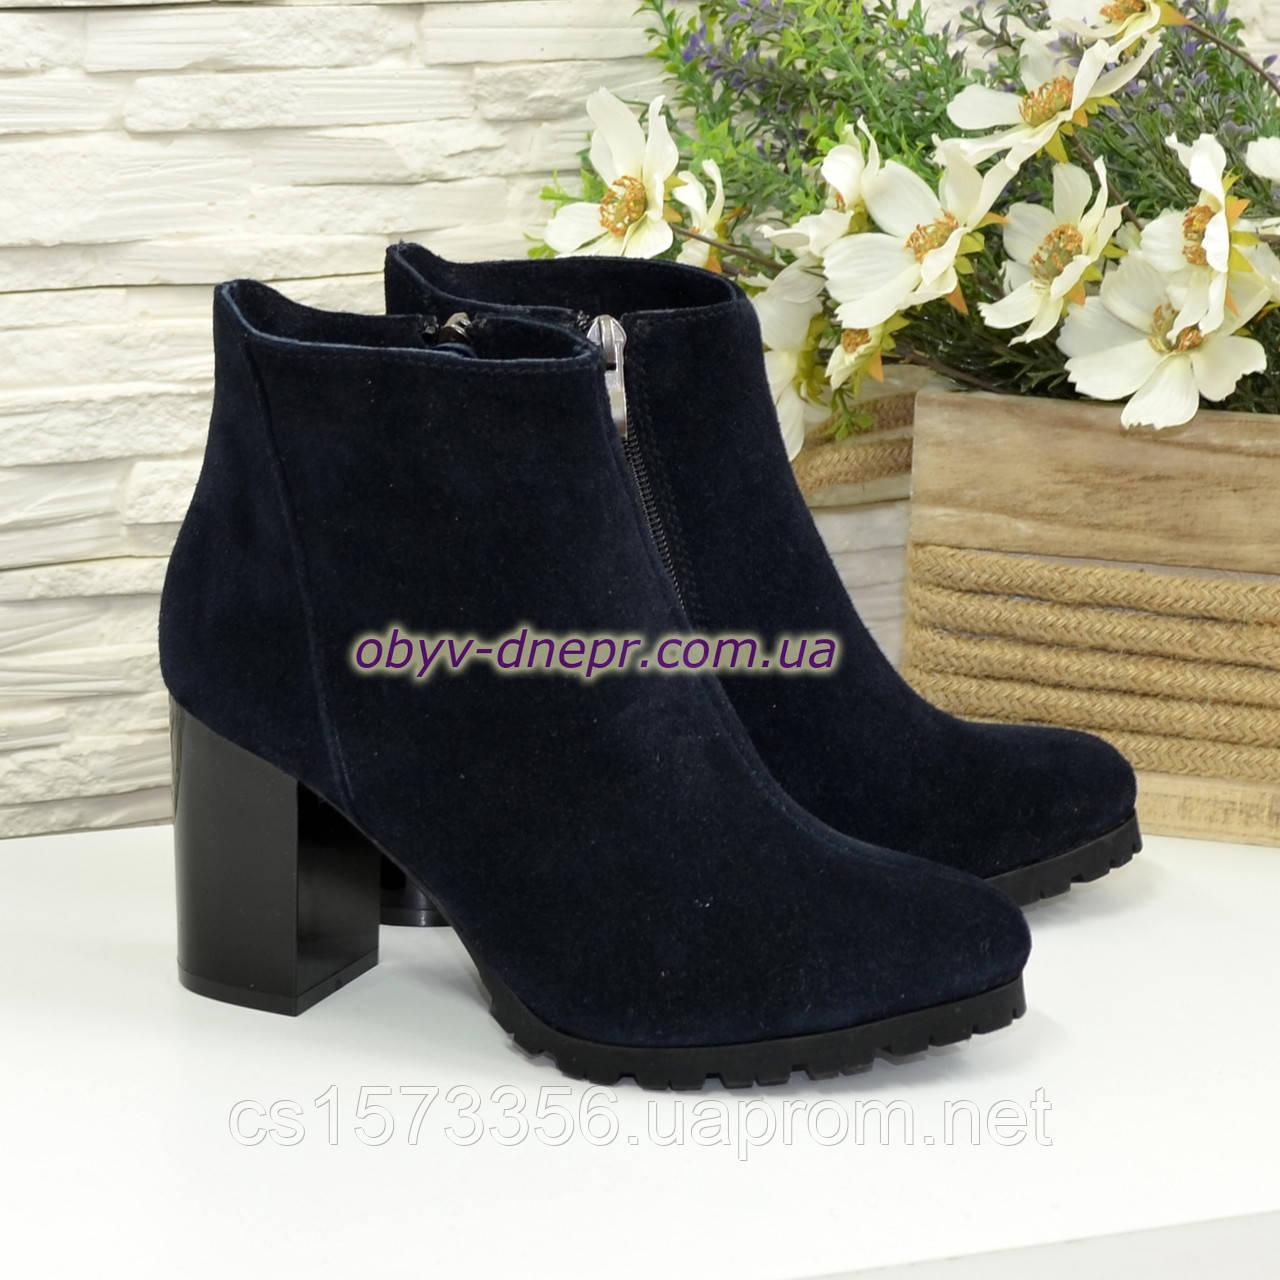 Ботинки женские демисезонные замшевые на устойчивом каблуке, цвет синий